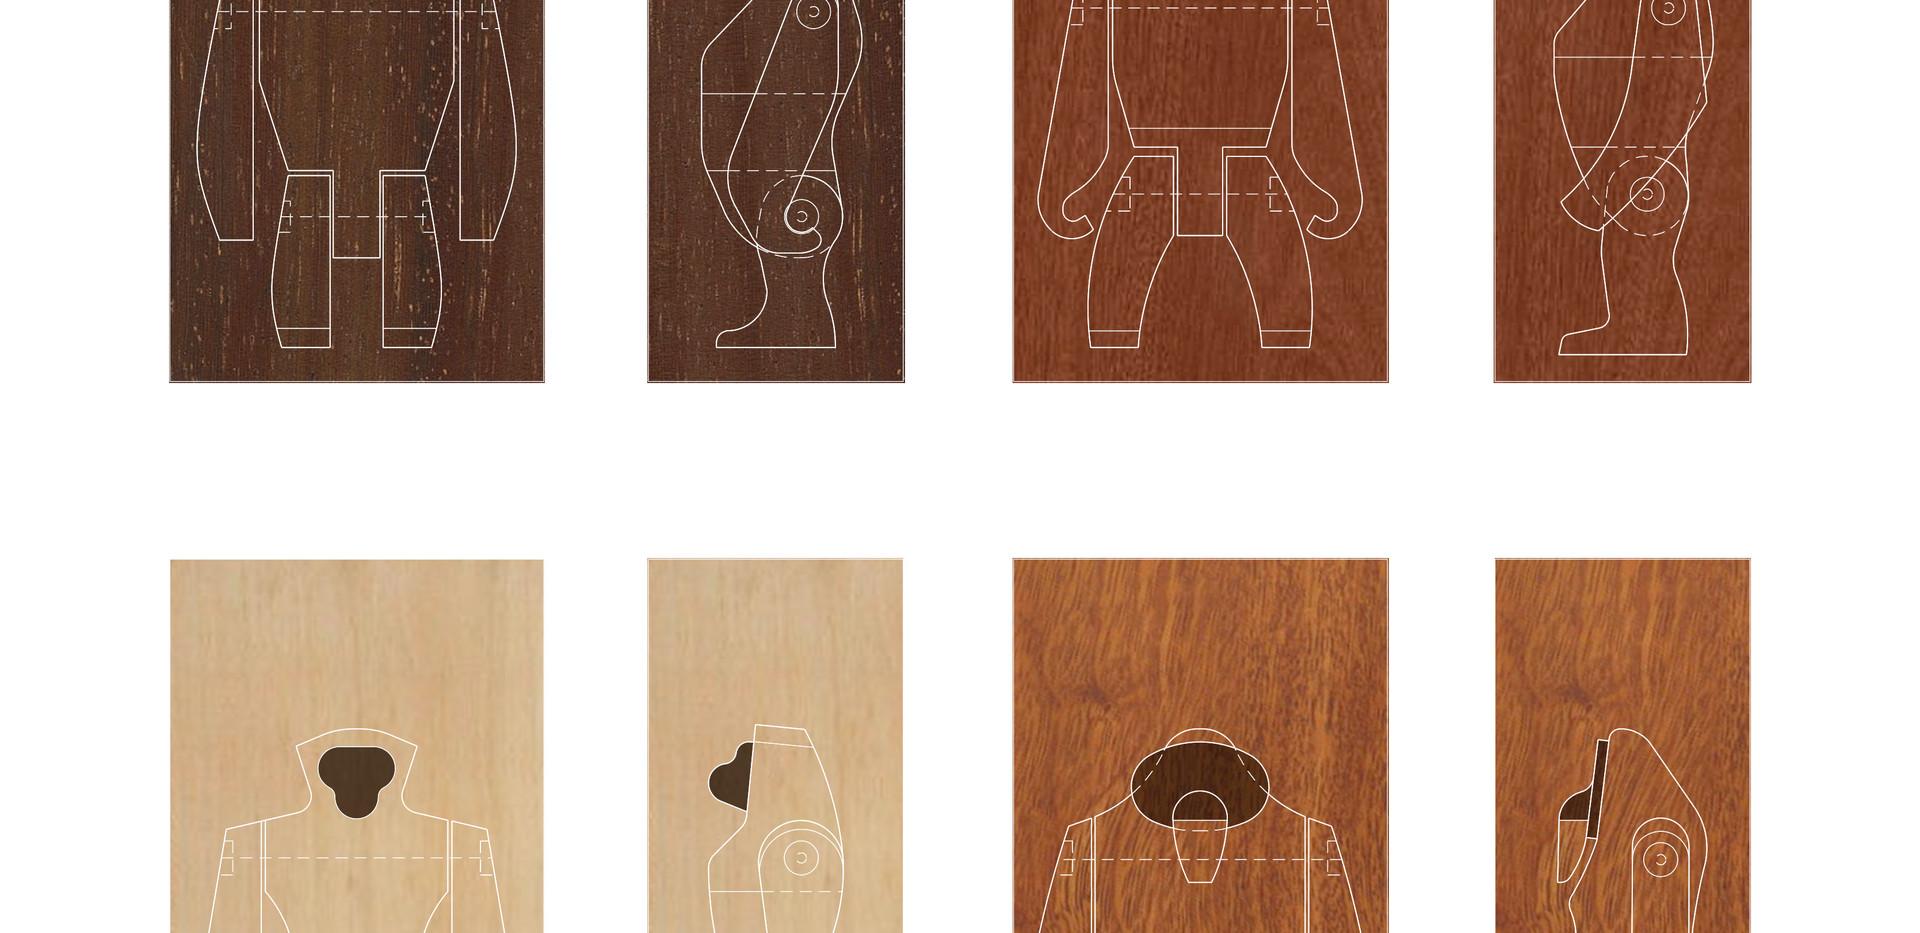 ape_lineup_for graphics.jpg